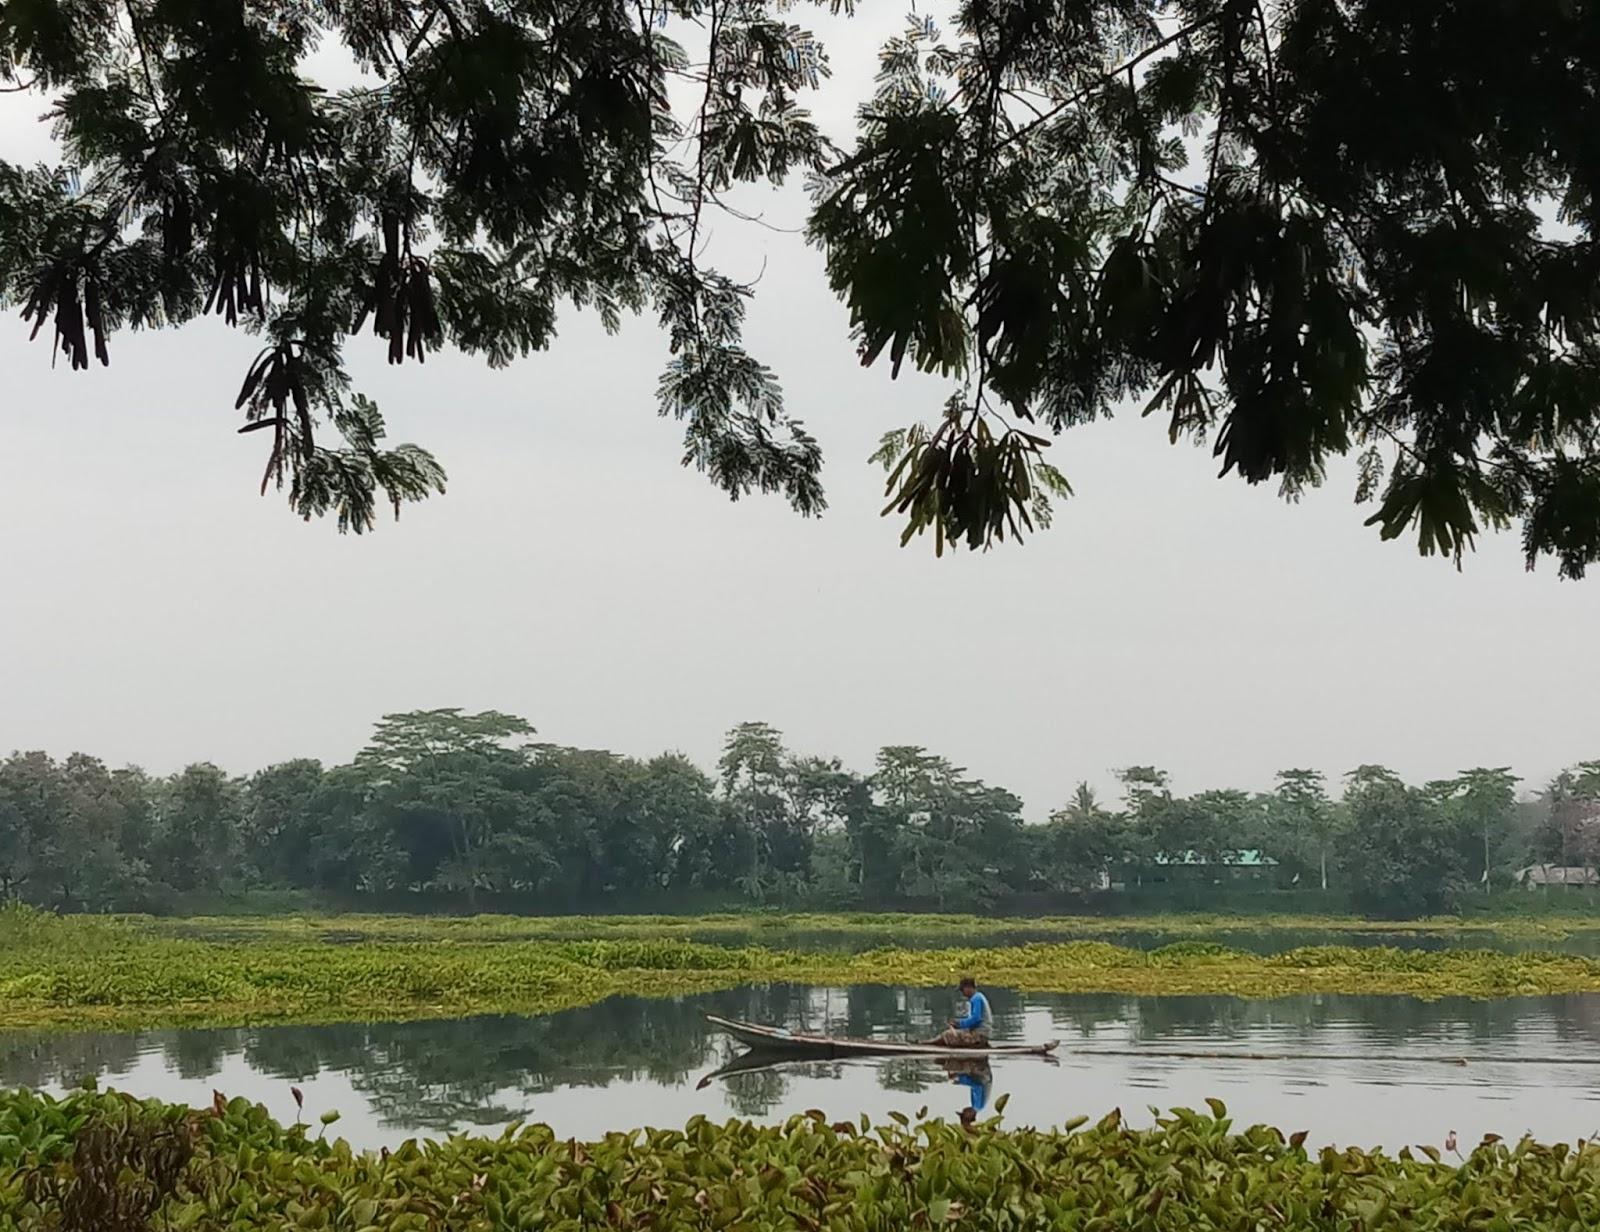 Kebetulan saat itu ada seorang warga setempat yang tengah melaju dengan perahu sampan di permukaan air situ yang tenang dan beberapa bagiannya tertutup